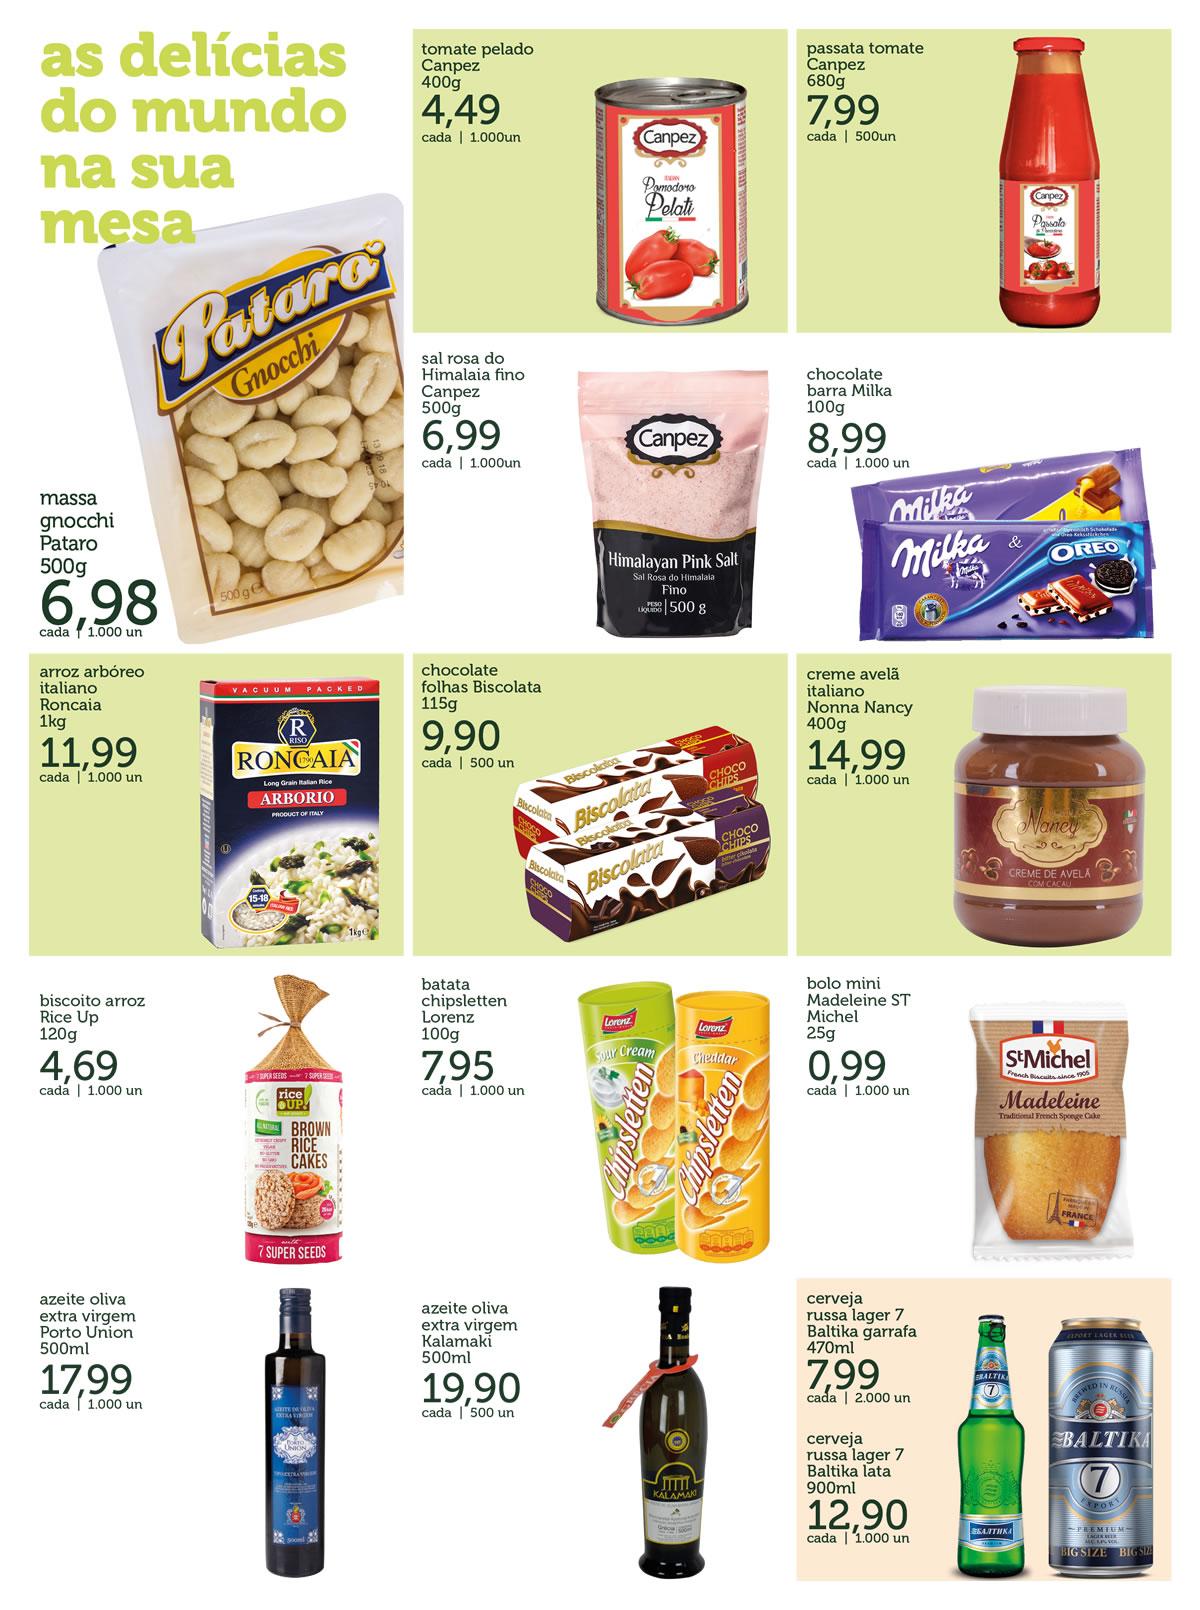 caita_supermercados_tabloide_junho2018_concordia03